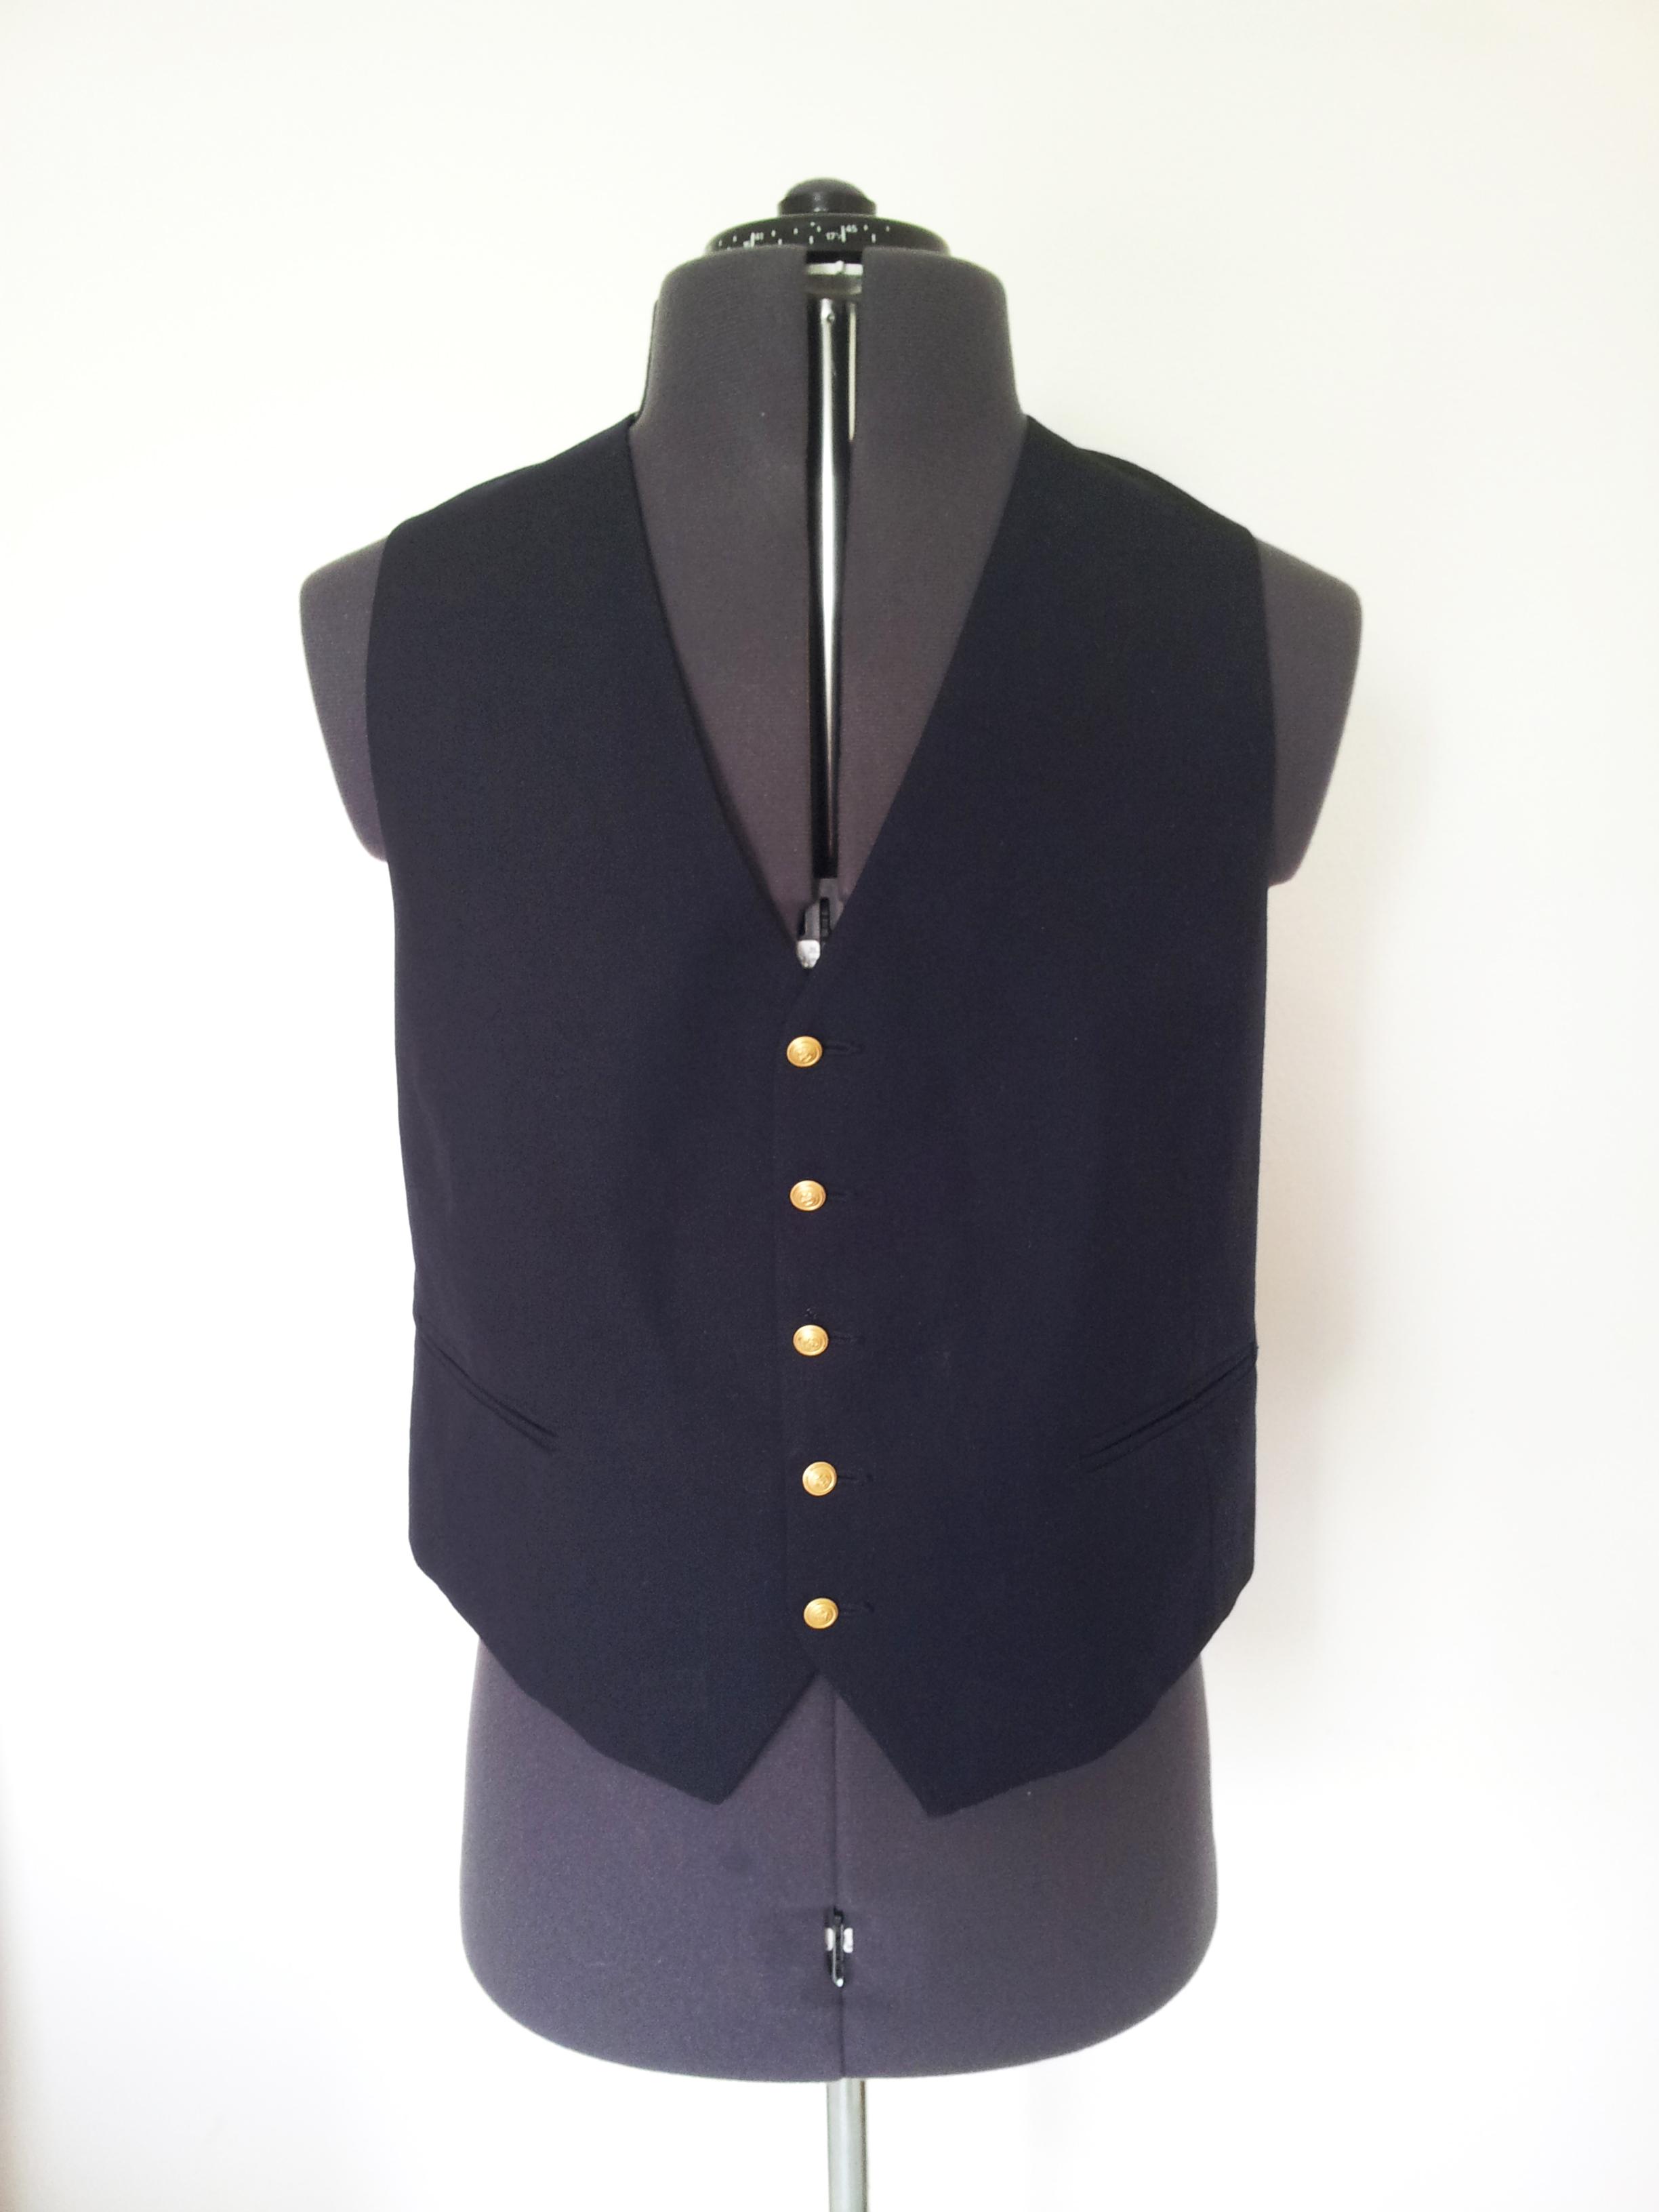 e gil012 abbigliamento softair fratelliditalia Gilet militare e WnPfUBTxnR